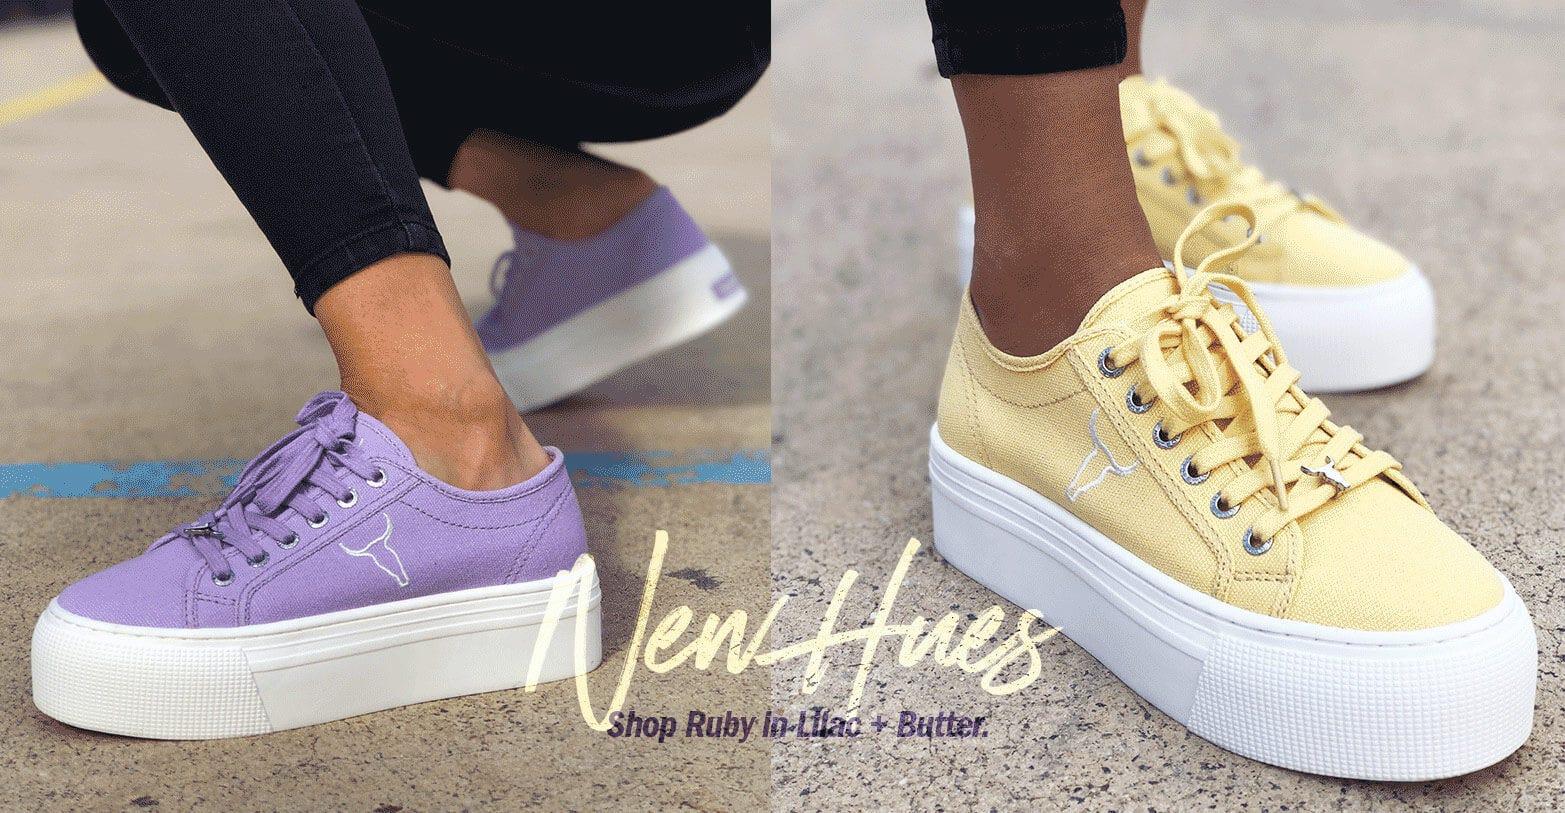 Women's Ruby Sneakers